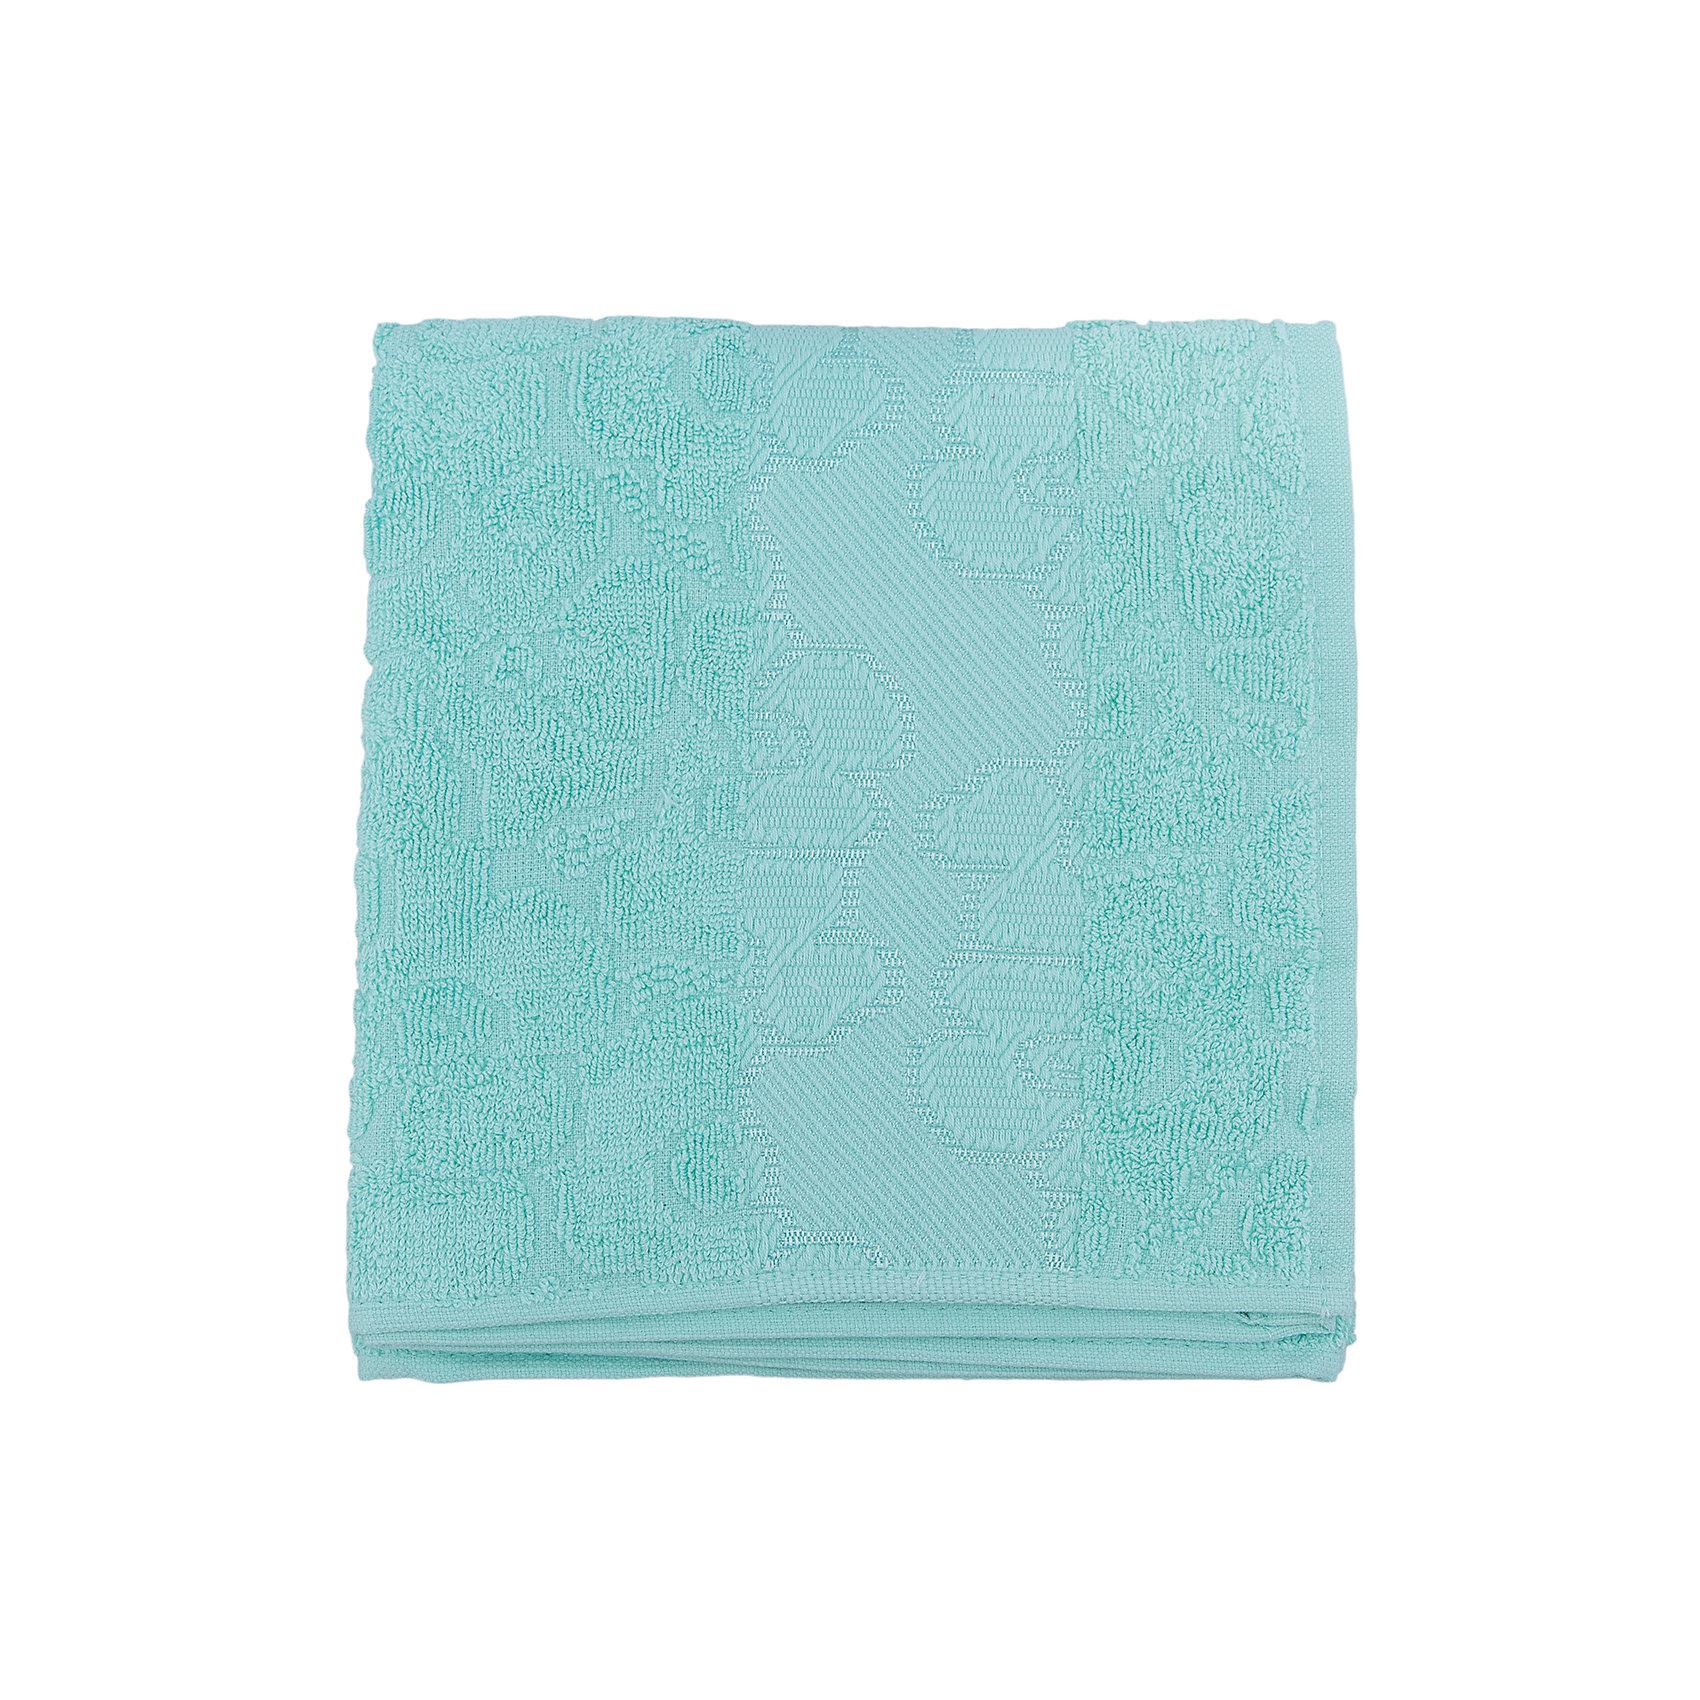 Полотенце махровое Viola 50*100, Португалия, ментоловыйМахровое полотенце Viola изготовлено из натурального хлопка, приятного телу. Полотенце отлично впитывает влагу, износостойкое и не теряет цвет при стирке. Приятный цвет и дизайн полотенца отлично впишется в вашу ванную комнату.<br><br>Дополнительная информация:<br>Материал: 100% хлопок<br>Плотность: 500 г/м2<br>Размер: 50х100 см<br>Цвет: ментоловый<br>Торговая марка: Португалия<br><br>Махровое полотенце Viola можно купить в нашем интернет-магазине.<br><br>Ширина мм: 500<br>Глубина мм: 500<br>Высота мм: 200<br>Вес г: 350<br>Возраст от месяцев: 0<br>Возраст до месяцев: 144<br>Пол: Унисекс<br>Возраст: Детский<br>SKU: 5010950